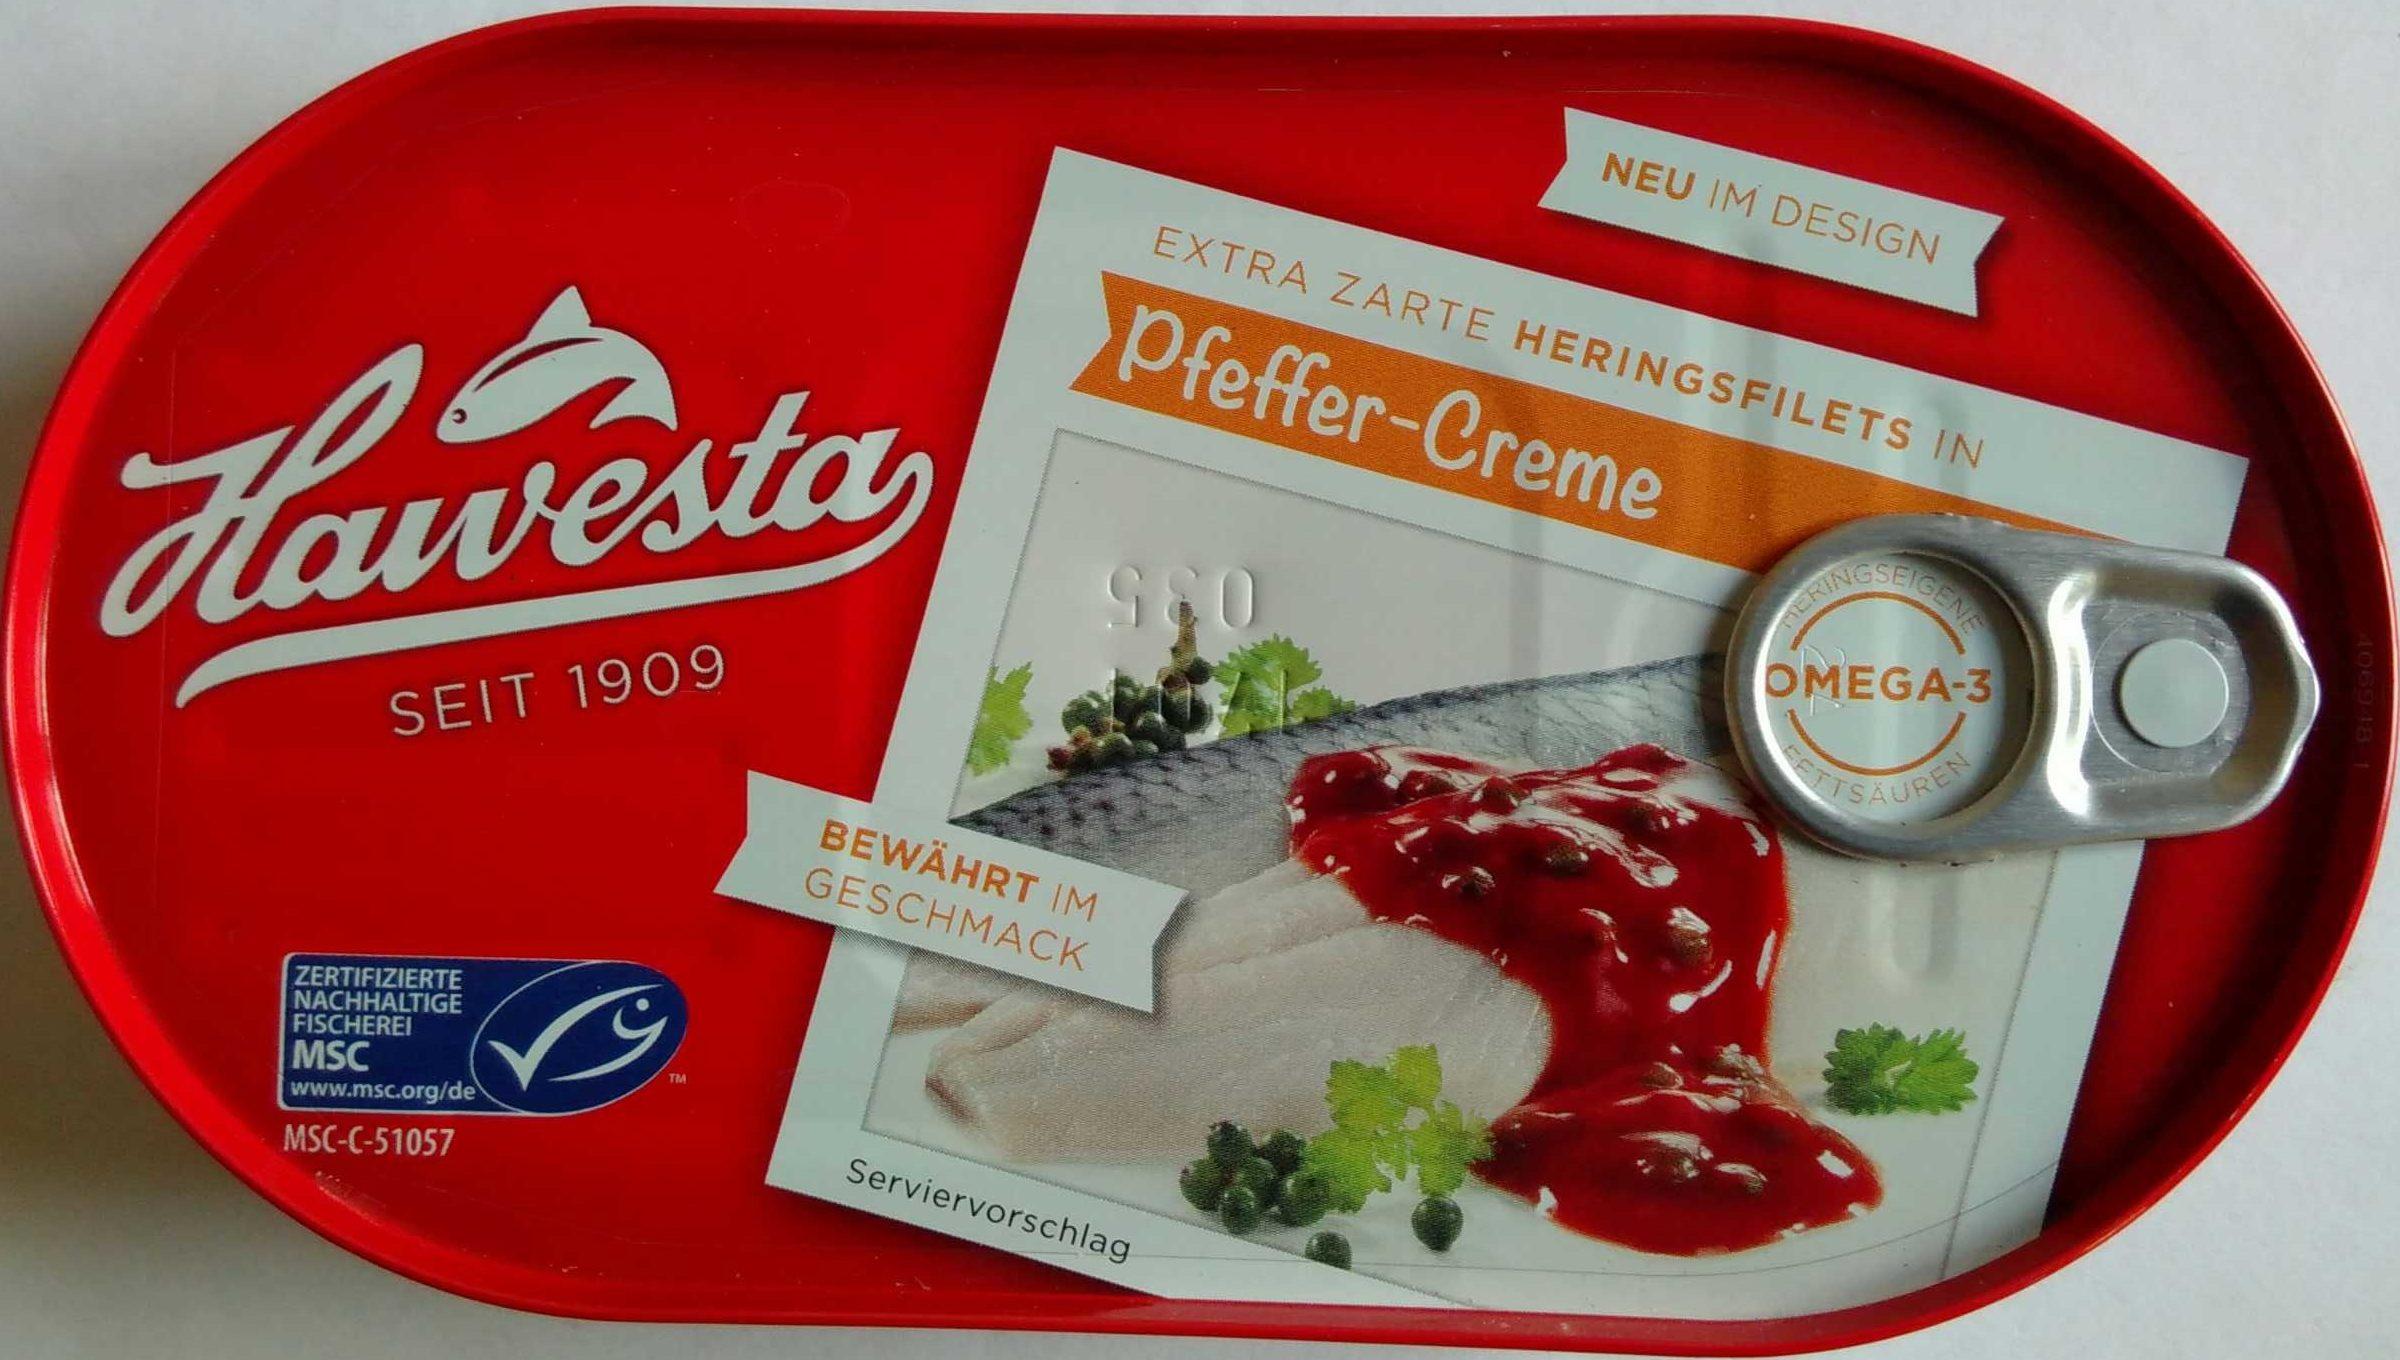 Heringsfilets in Pfeffer-Creme - Produit - de